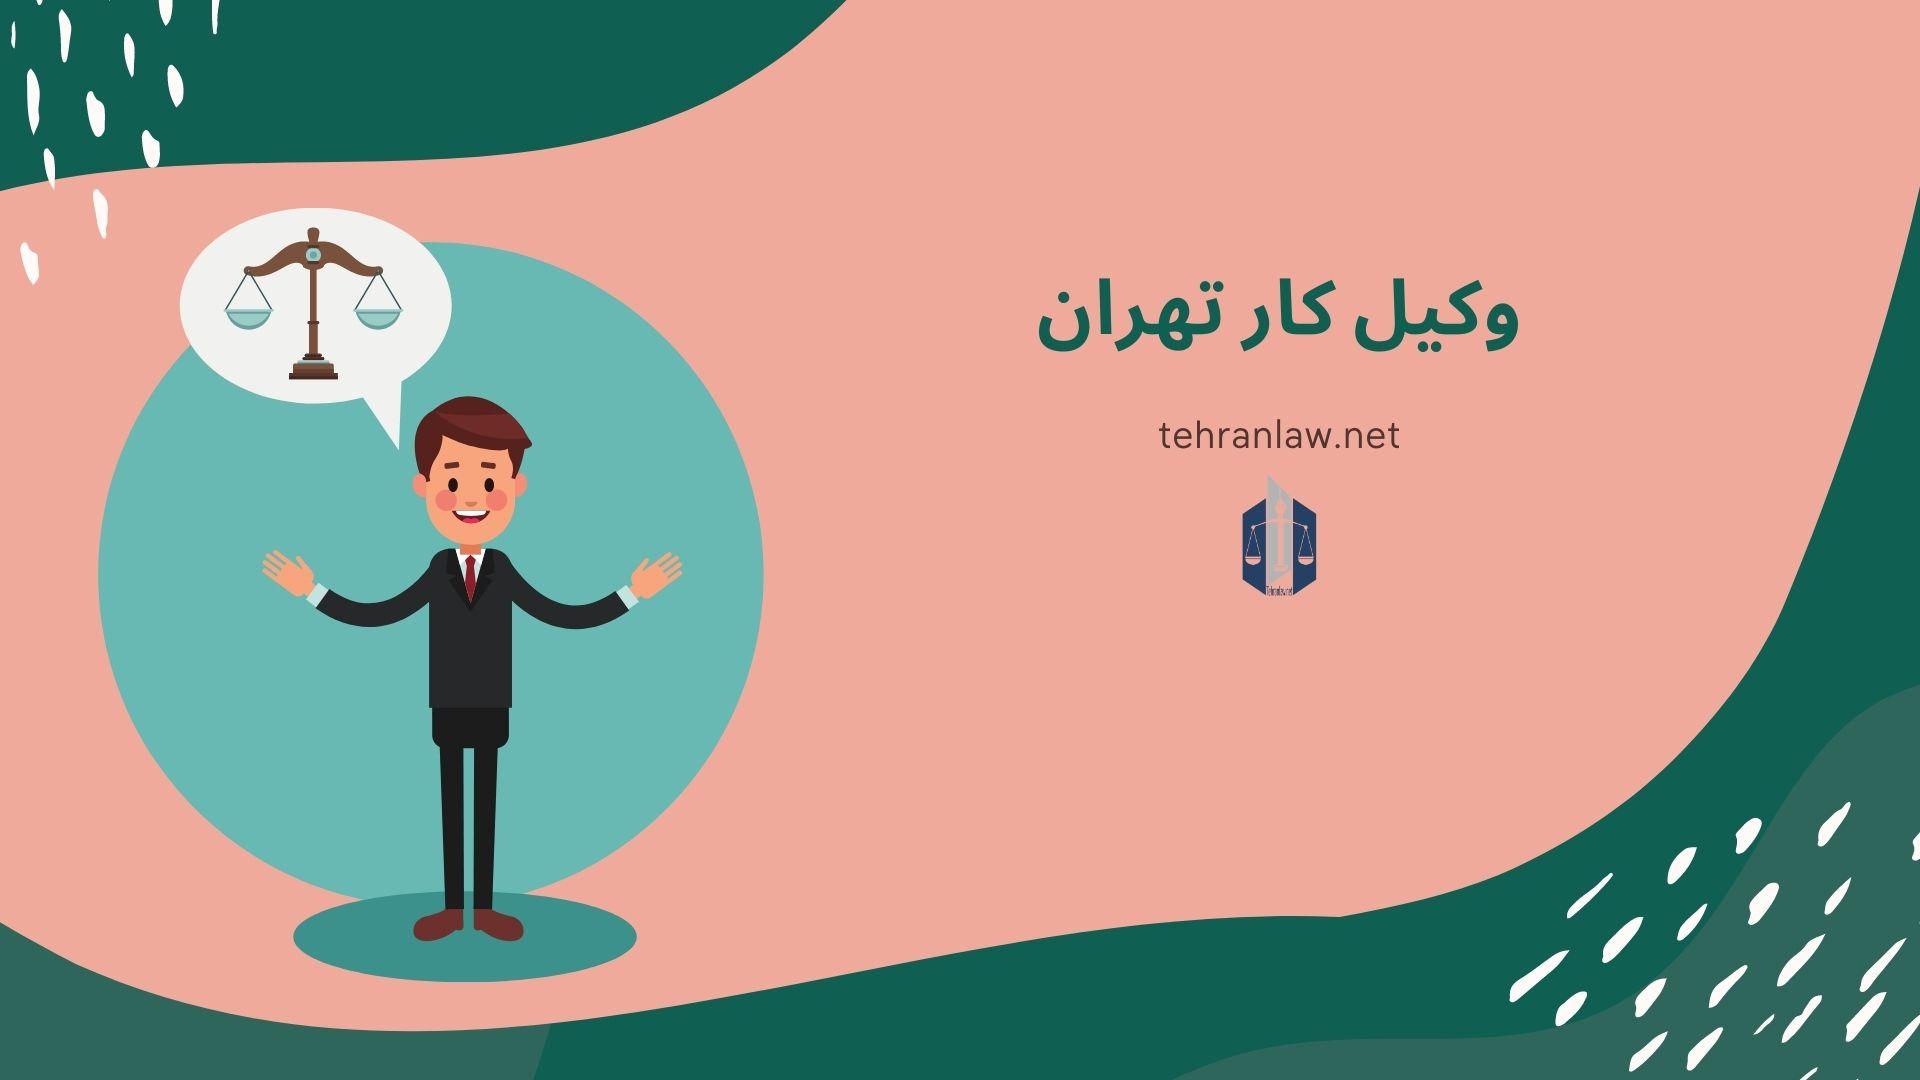 وکیل کار تهران